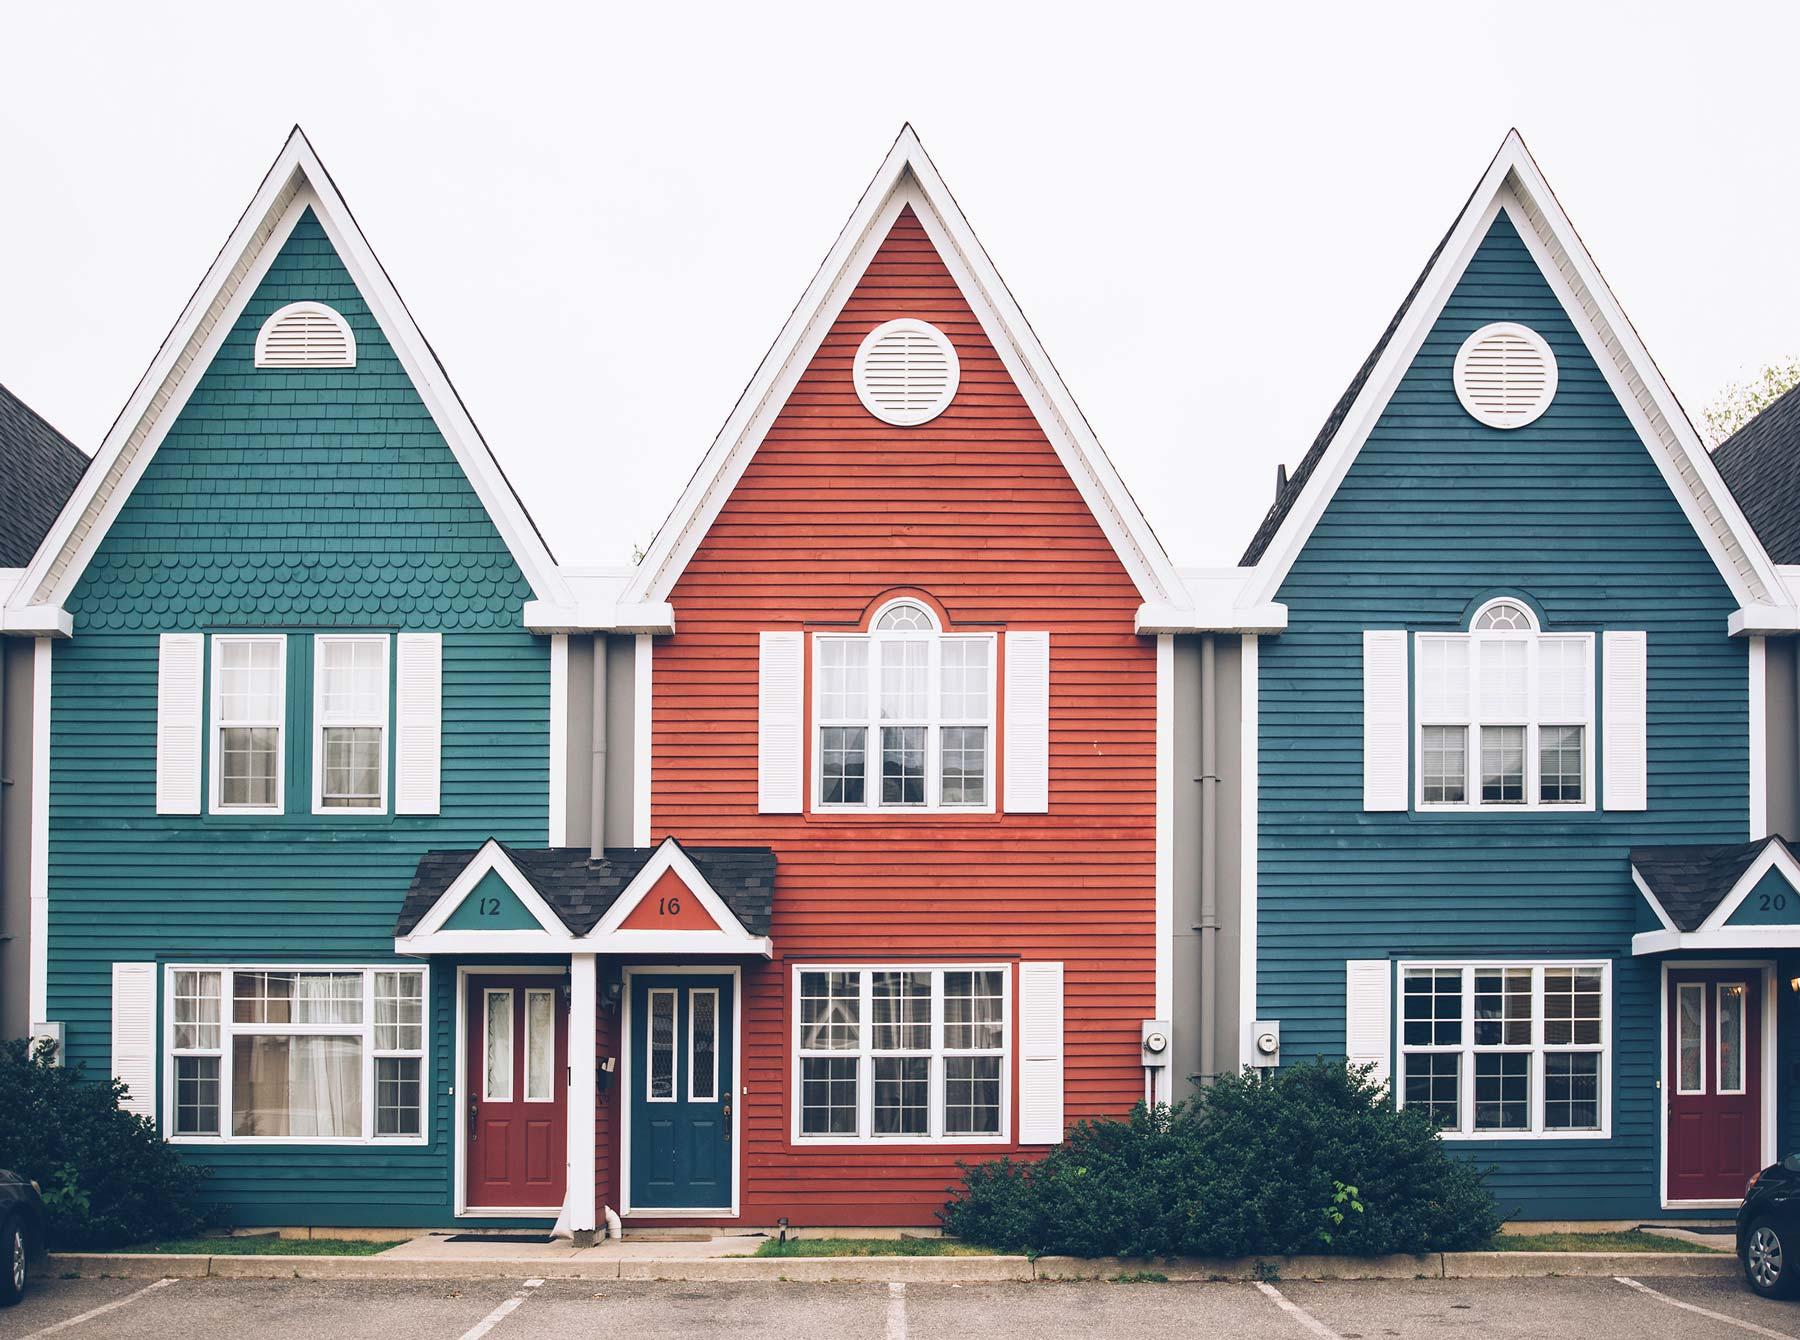 Petites Maisons colorées, Fredericton, NB, Canada